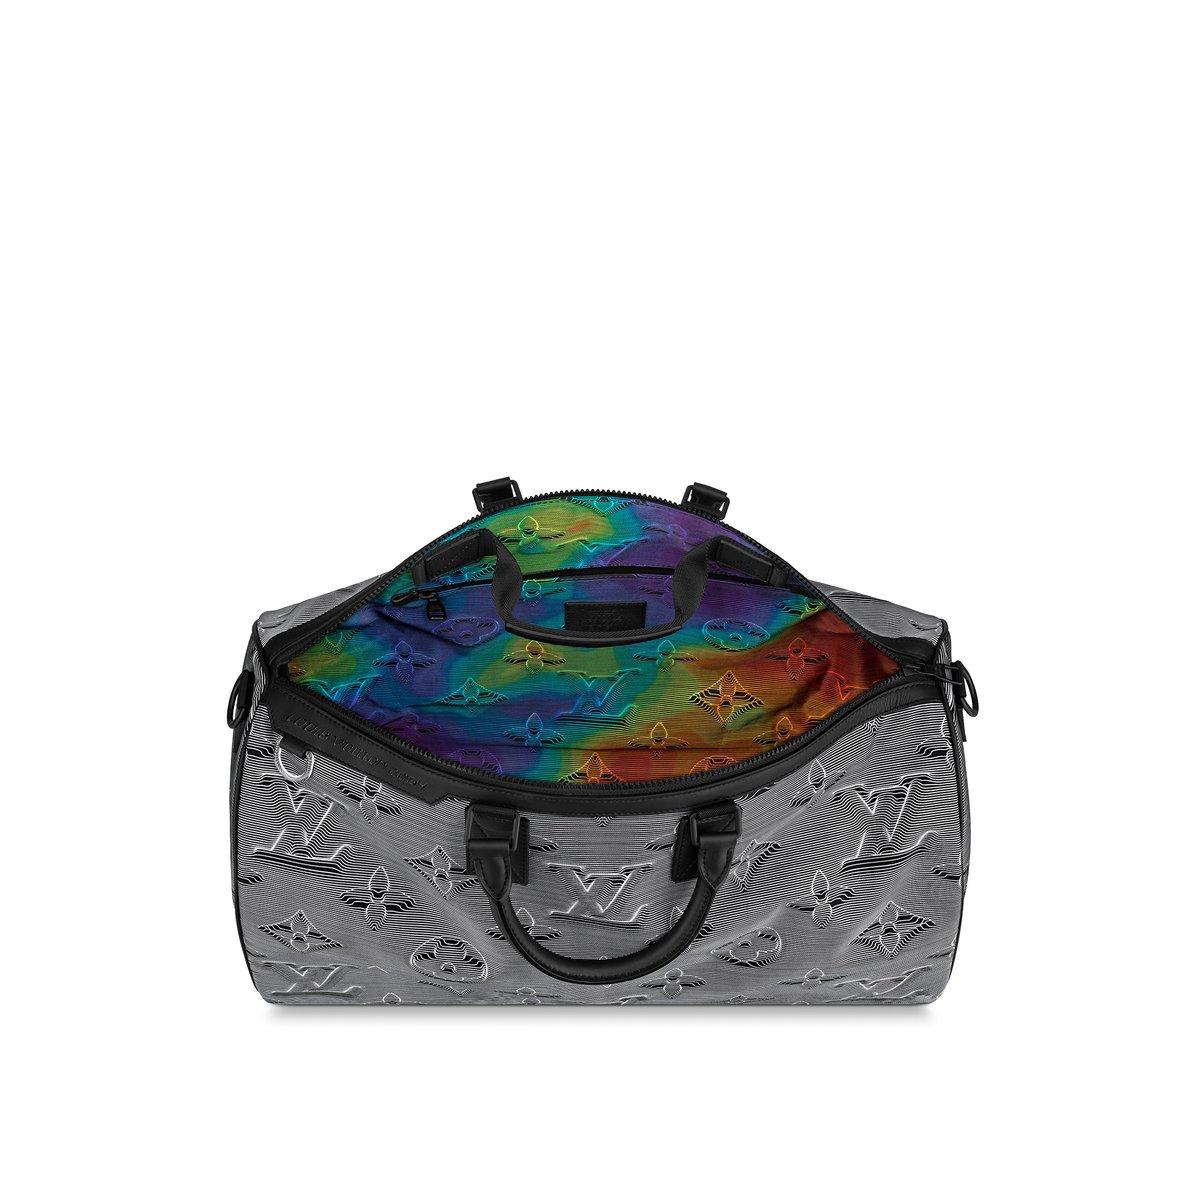 「ルイ・ヴィトン」からヴァージルによる新ライン「ルイ・ヴィトン 2054」がデビュー。ファーストコレクションは、ライニングにあしらわれたタイダイ風のカモフラージュレインボーが目を引くデザインに。